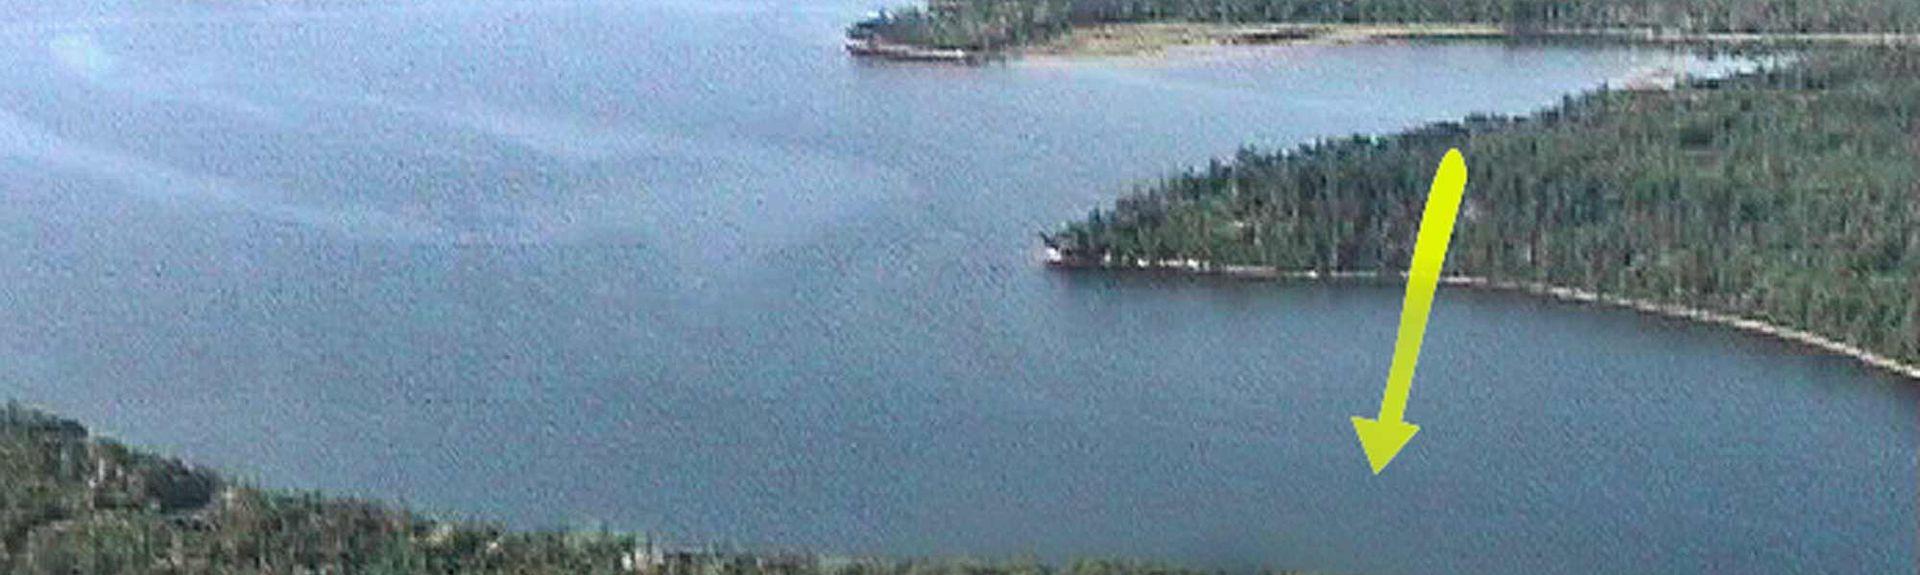 Port Hawkesbury, Nova Scotia, Canada